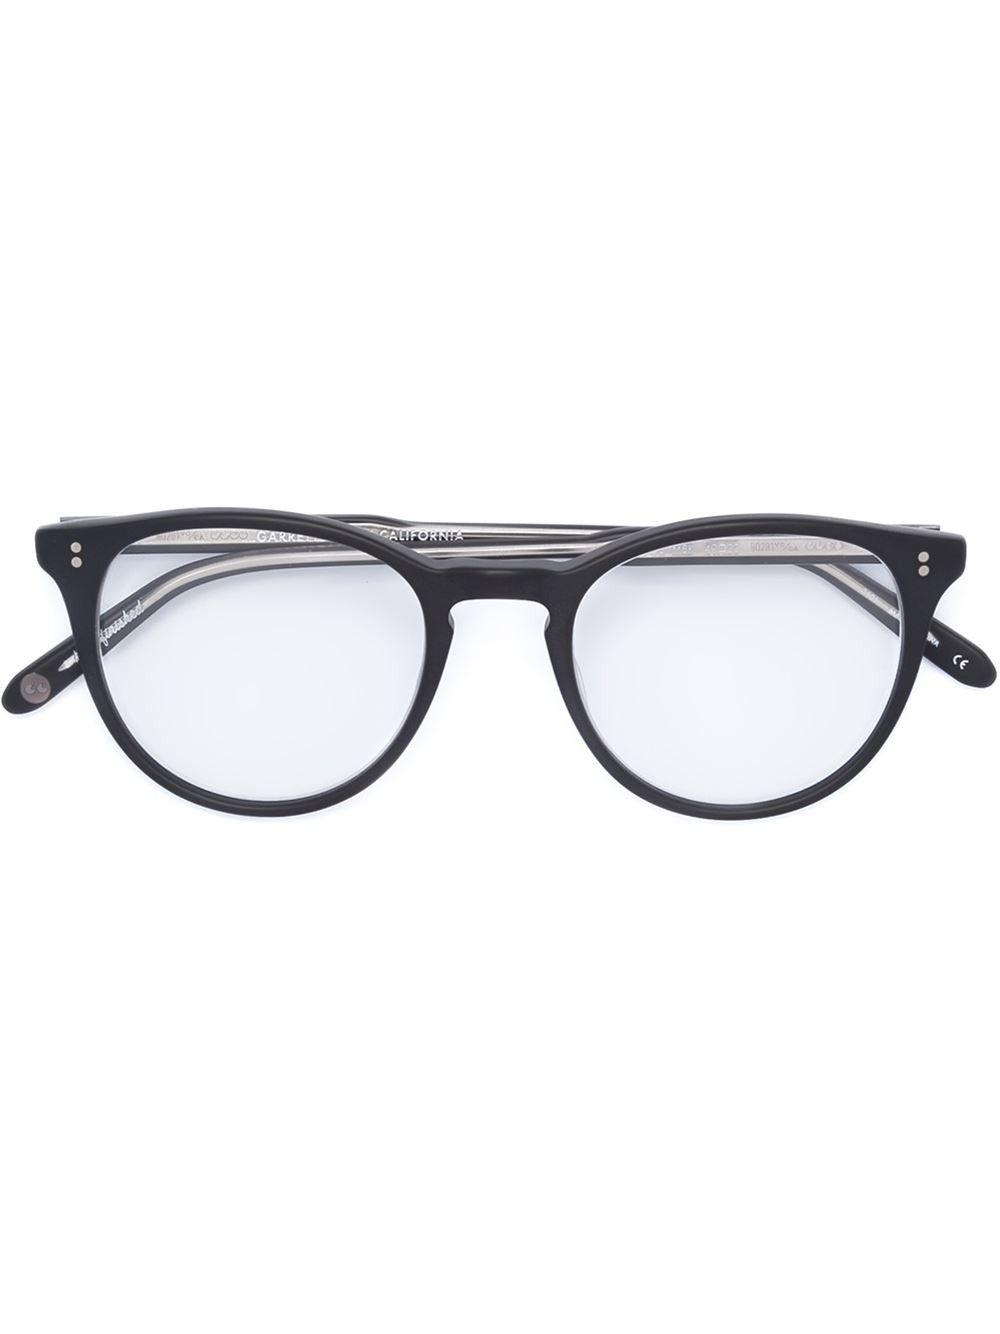 71a01d3df8 16 Fresh Garrett Leight Sunglasses Inspirations - garrett leight  california